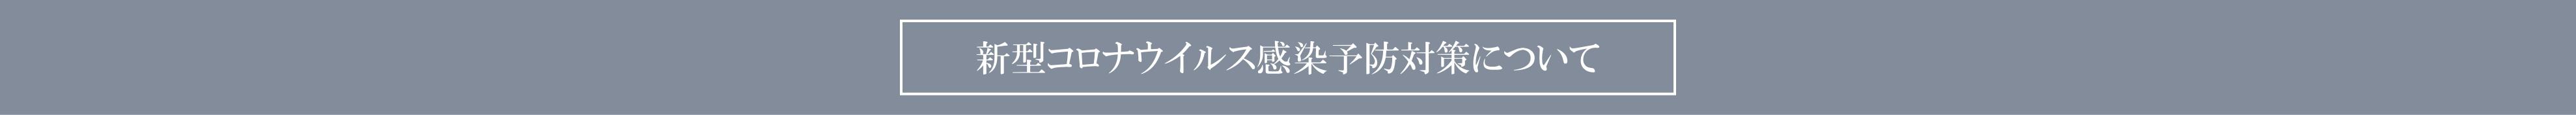 画像:新潟のホットヨガ&フィットネス・スタジオ リバース(Re:Birth)  ホットヨガもエアヨガもマシンジムも全てのプログラムとすべての施設が使い放題!ただいま見学や体験の後に入会されると月会費1ヵ月無料+入会金&事務手数料5000円が無料の入会キャンペーン実施中 同時開催ホットヨガ体験料金1,000円